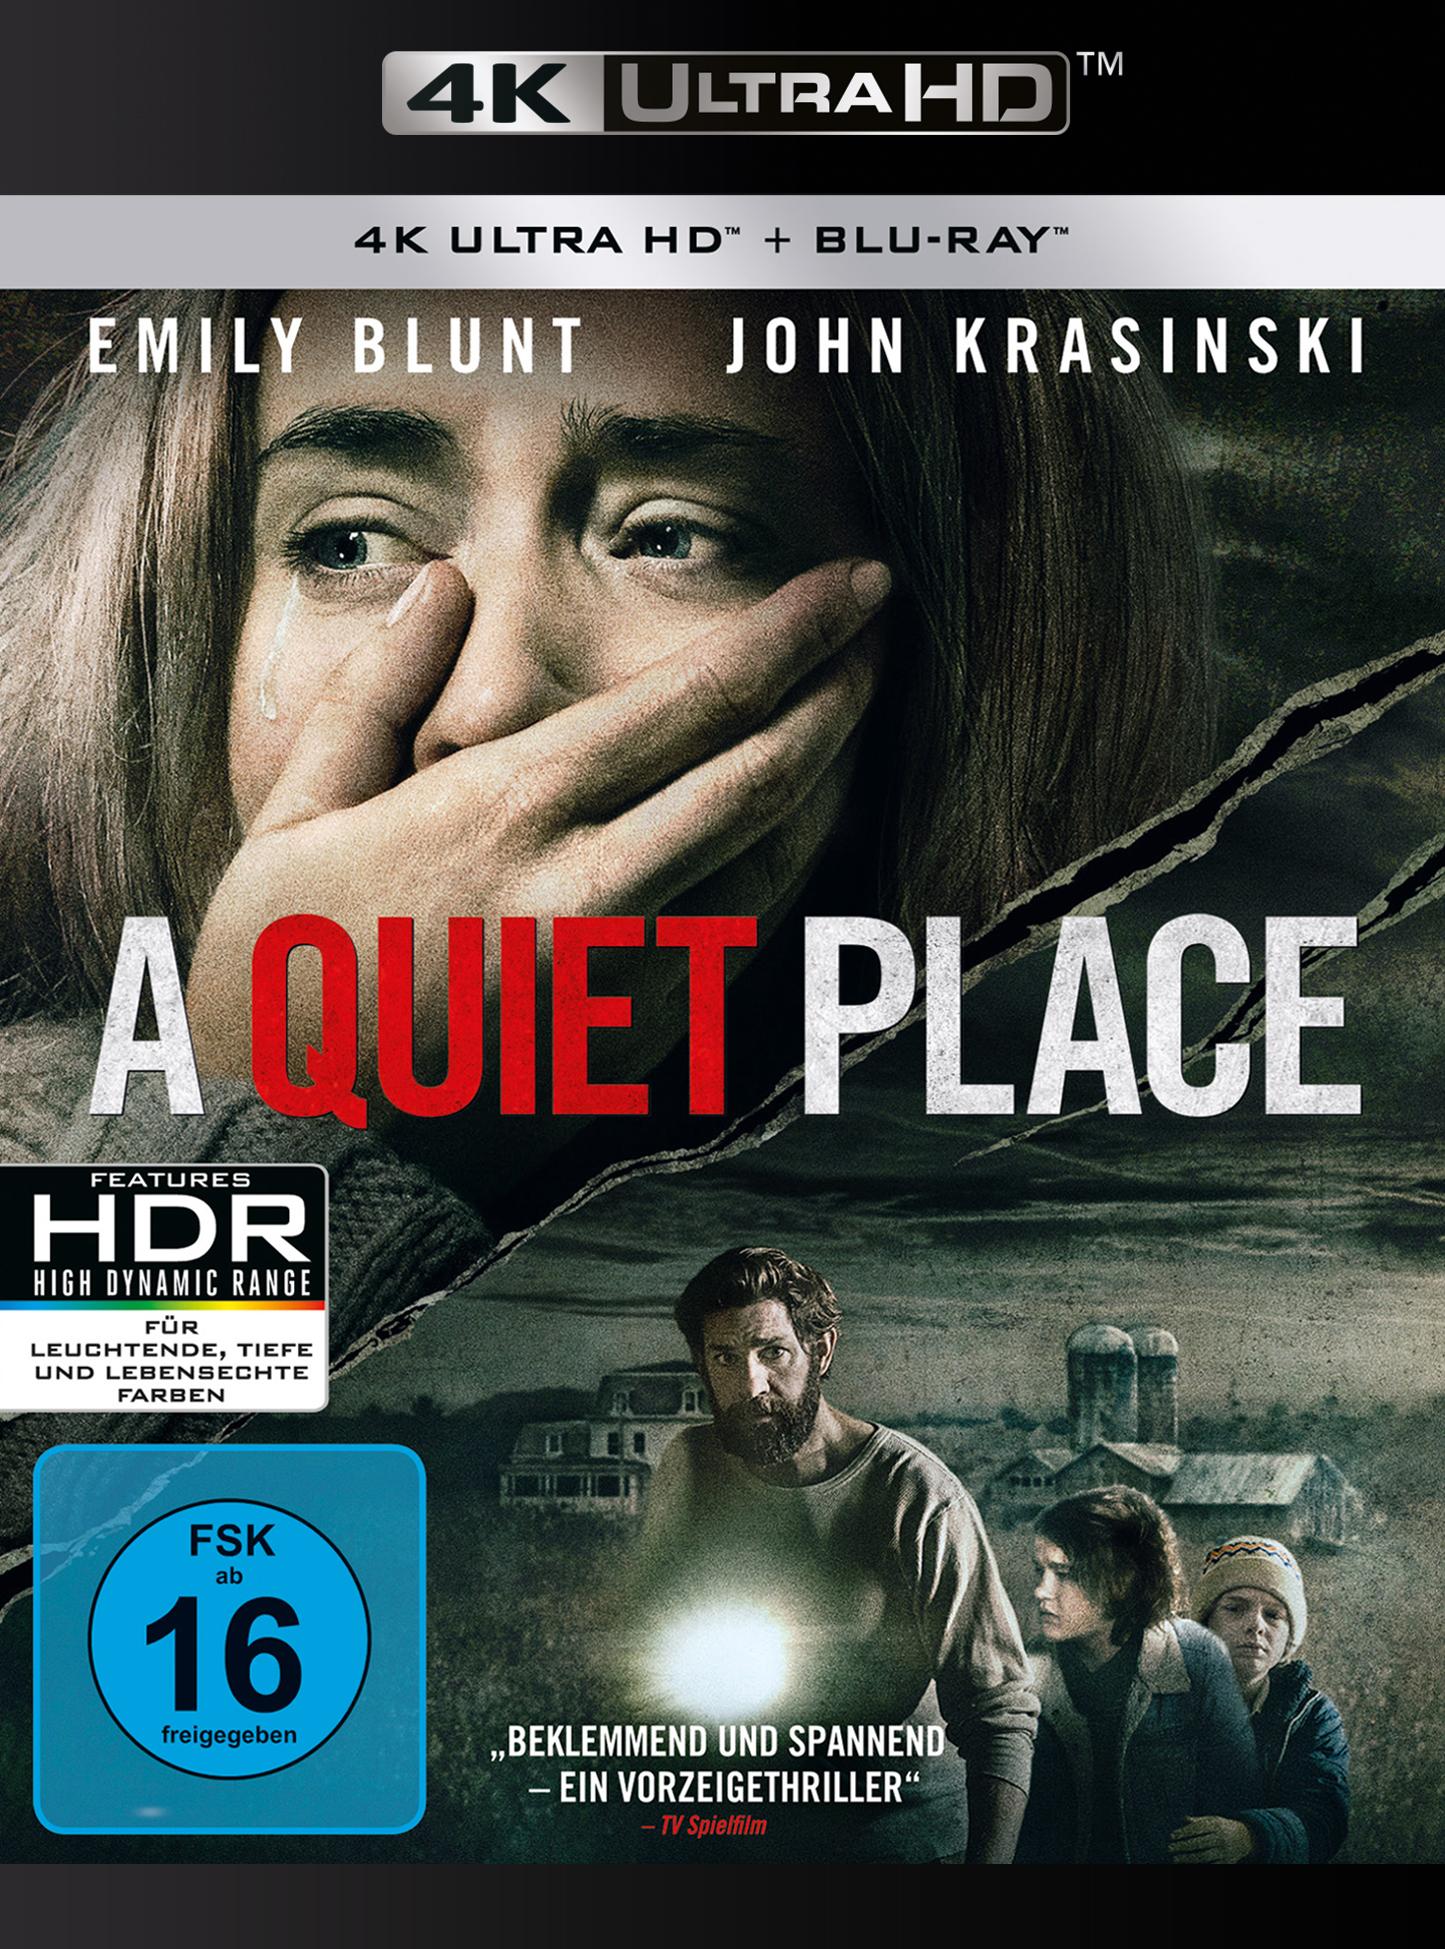 UHD Blu-ray Kritik | A Quiet Place (4K Review, Rezension, Emily Blunt)